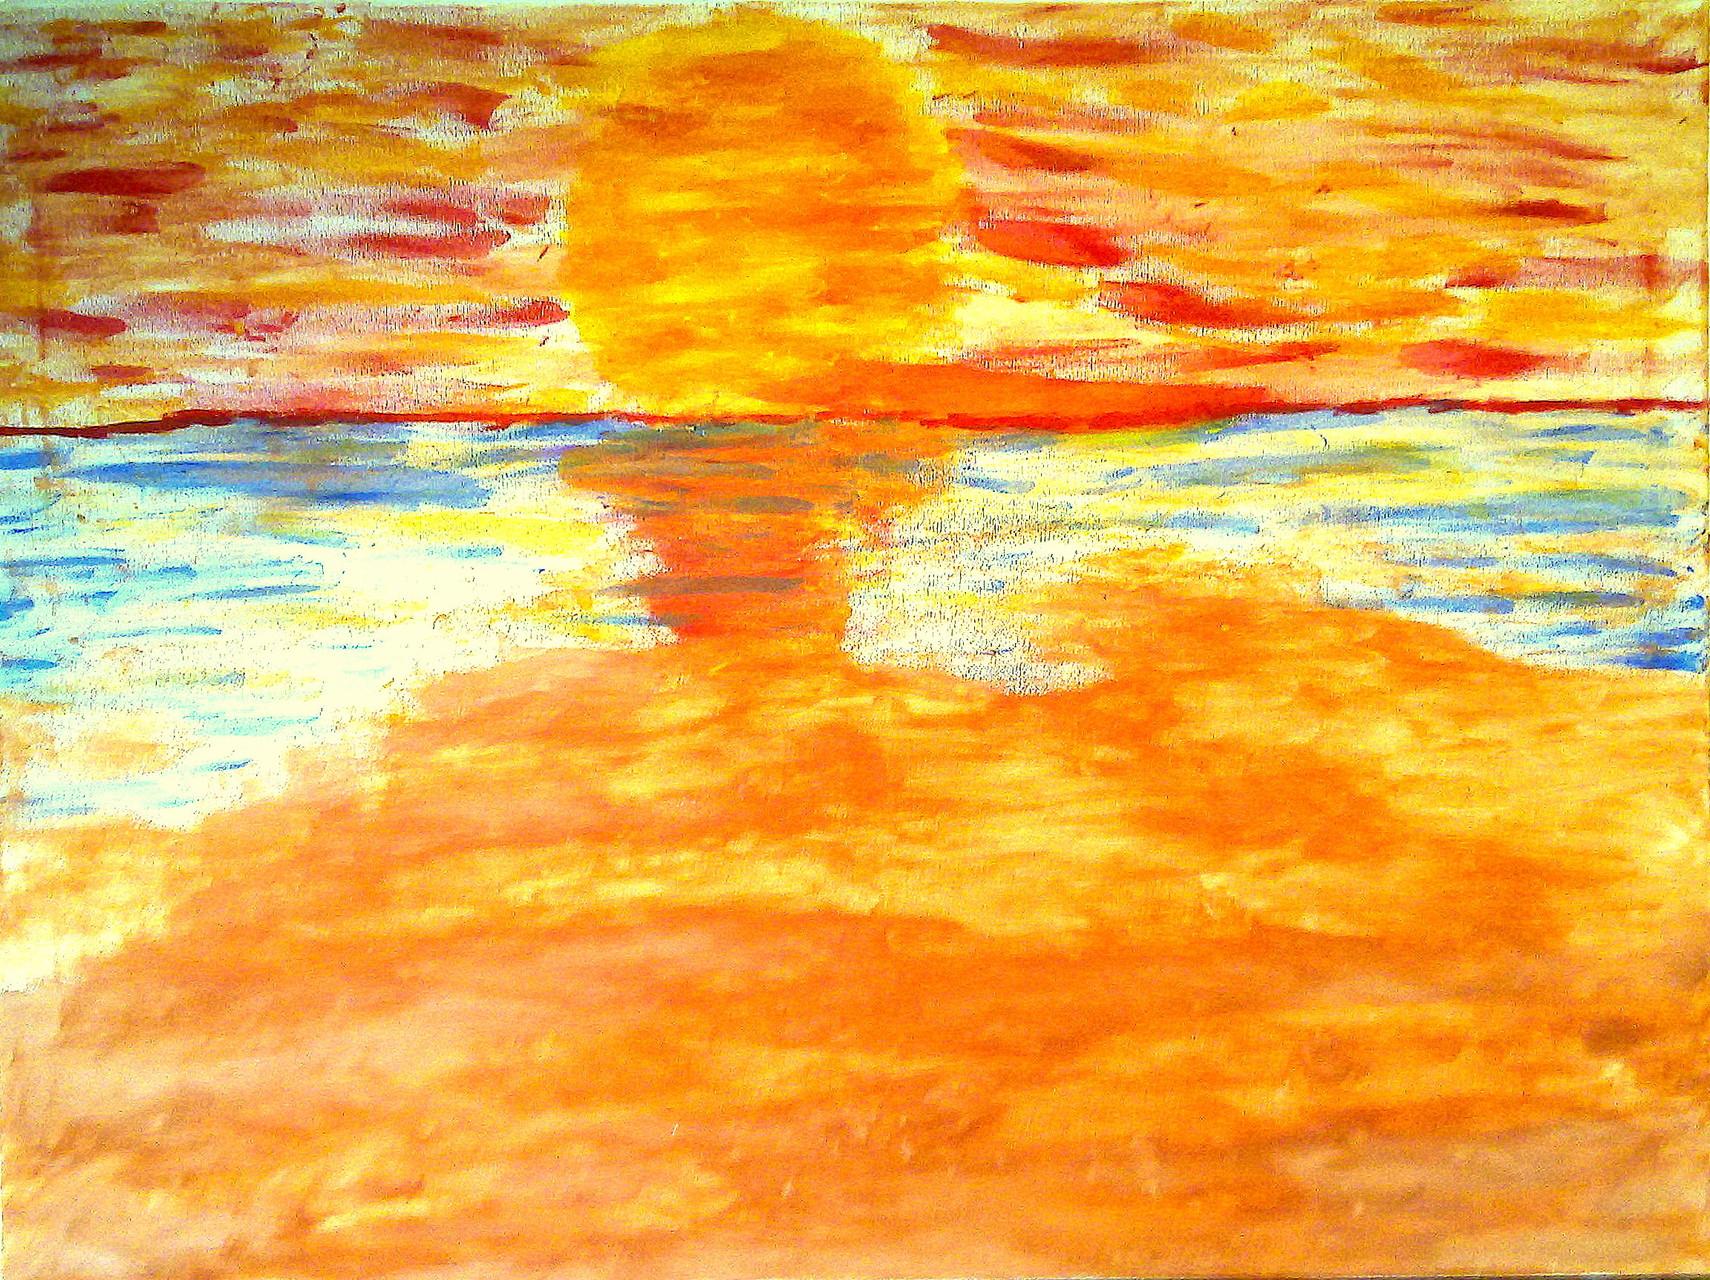 An einem Tag am Meer (80 x 60) Acryl auf Leinwand